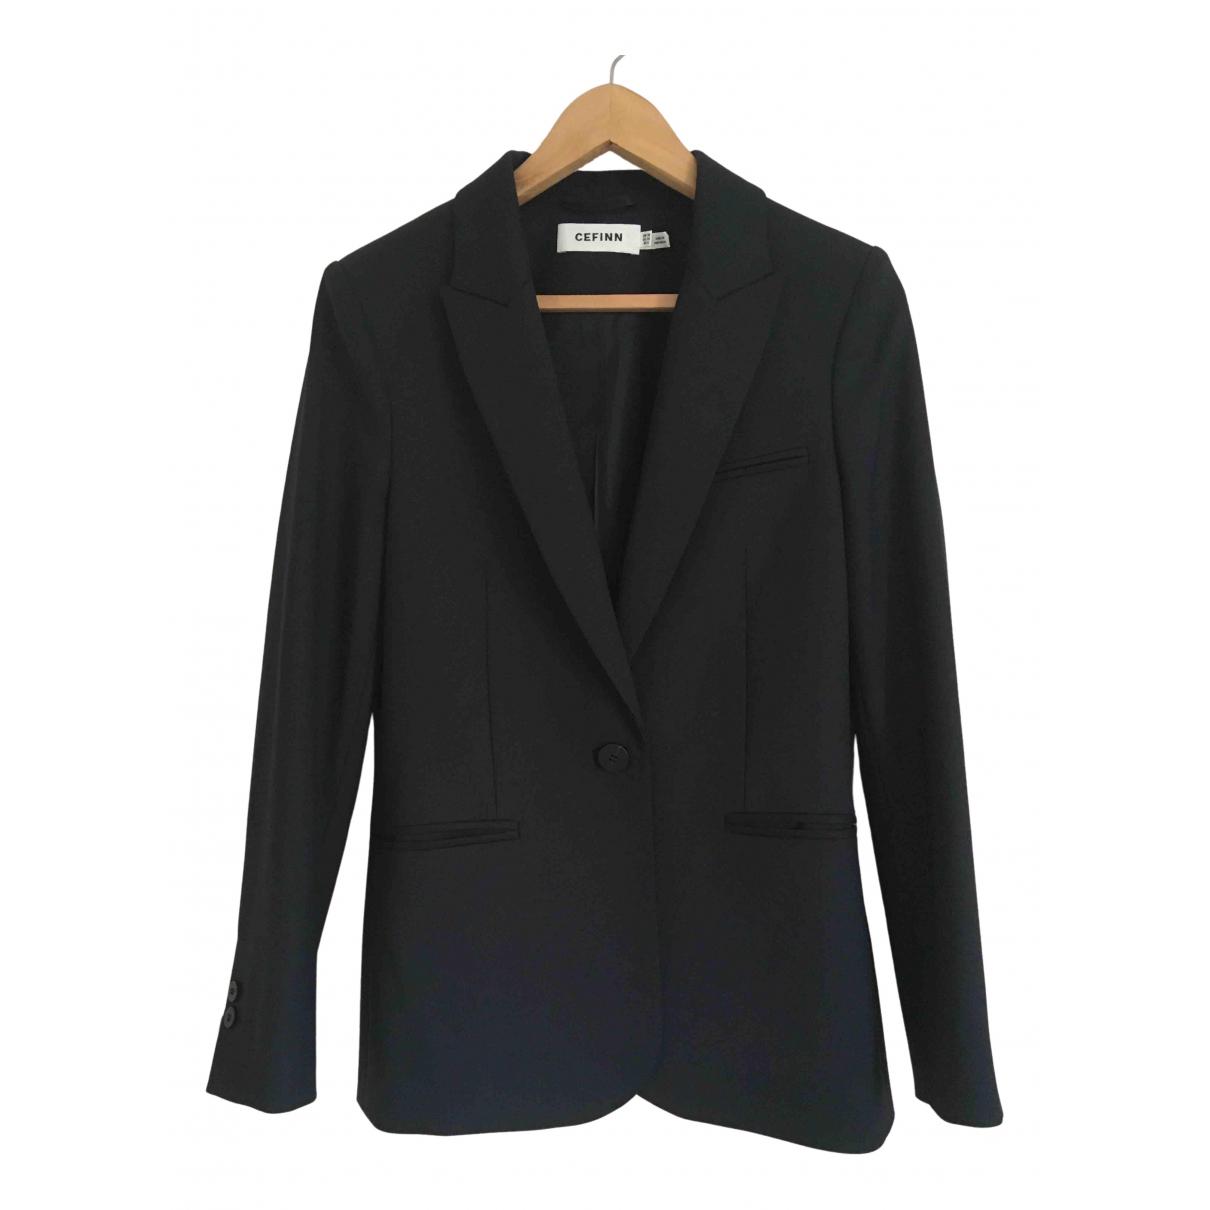 Cefinn - Veste   pour femme en laine - bleu